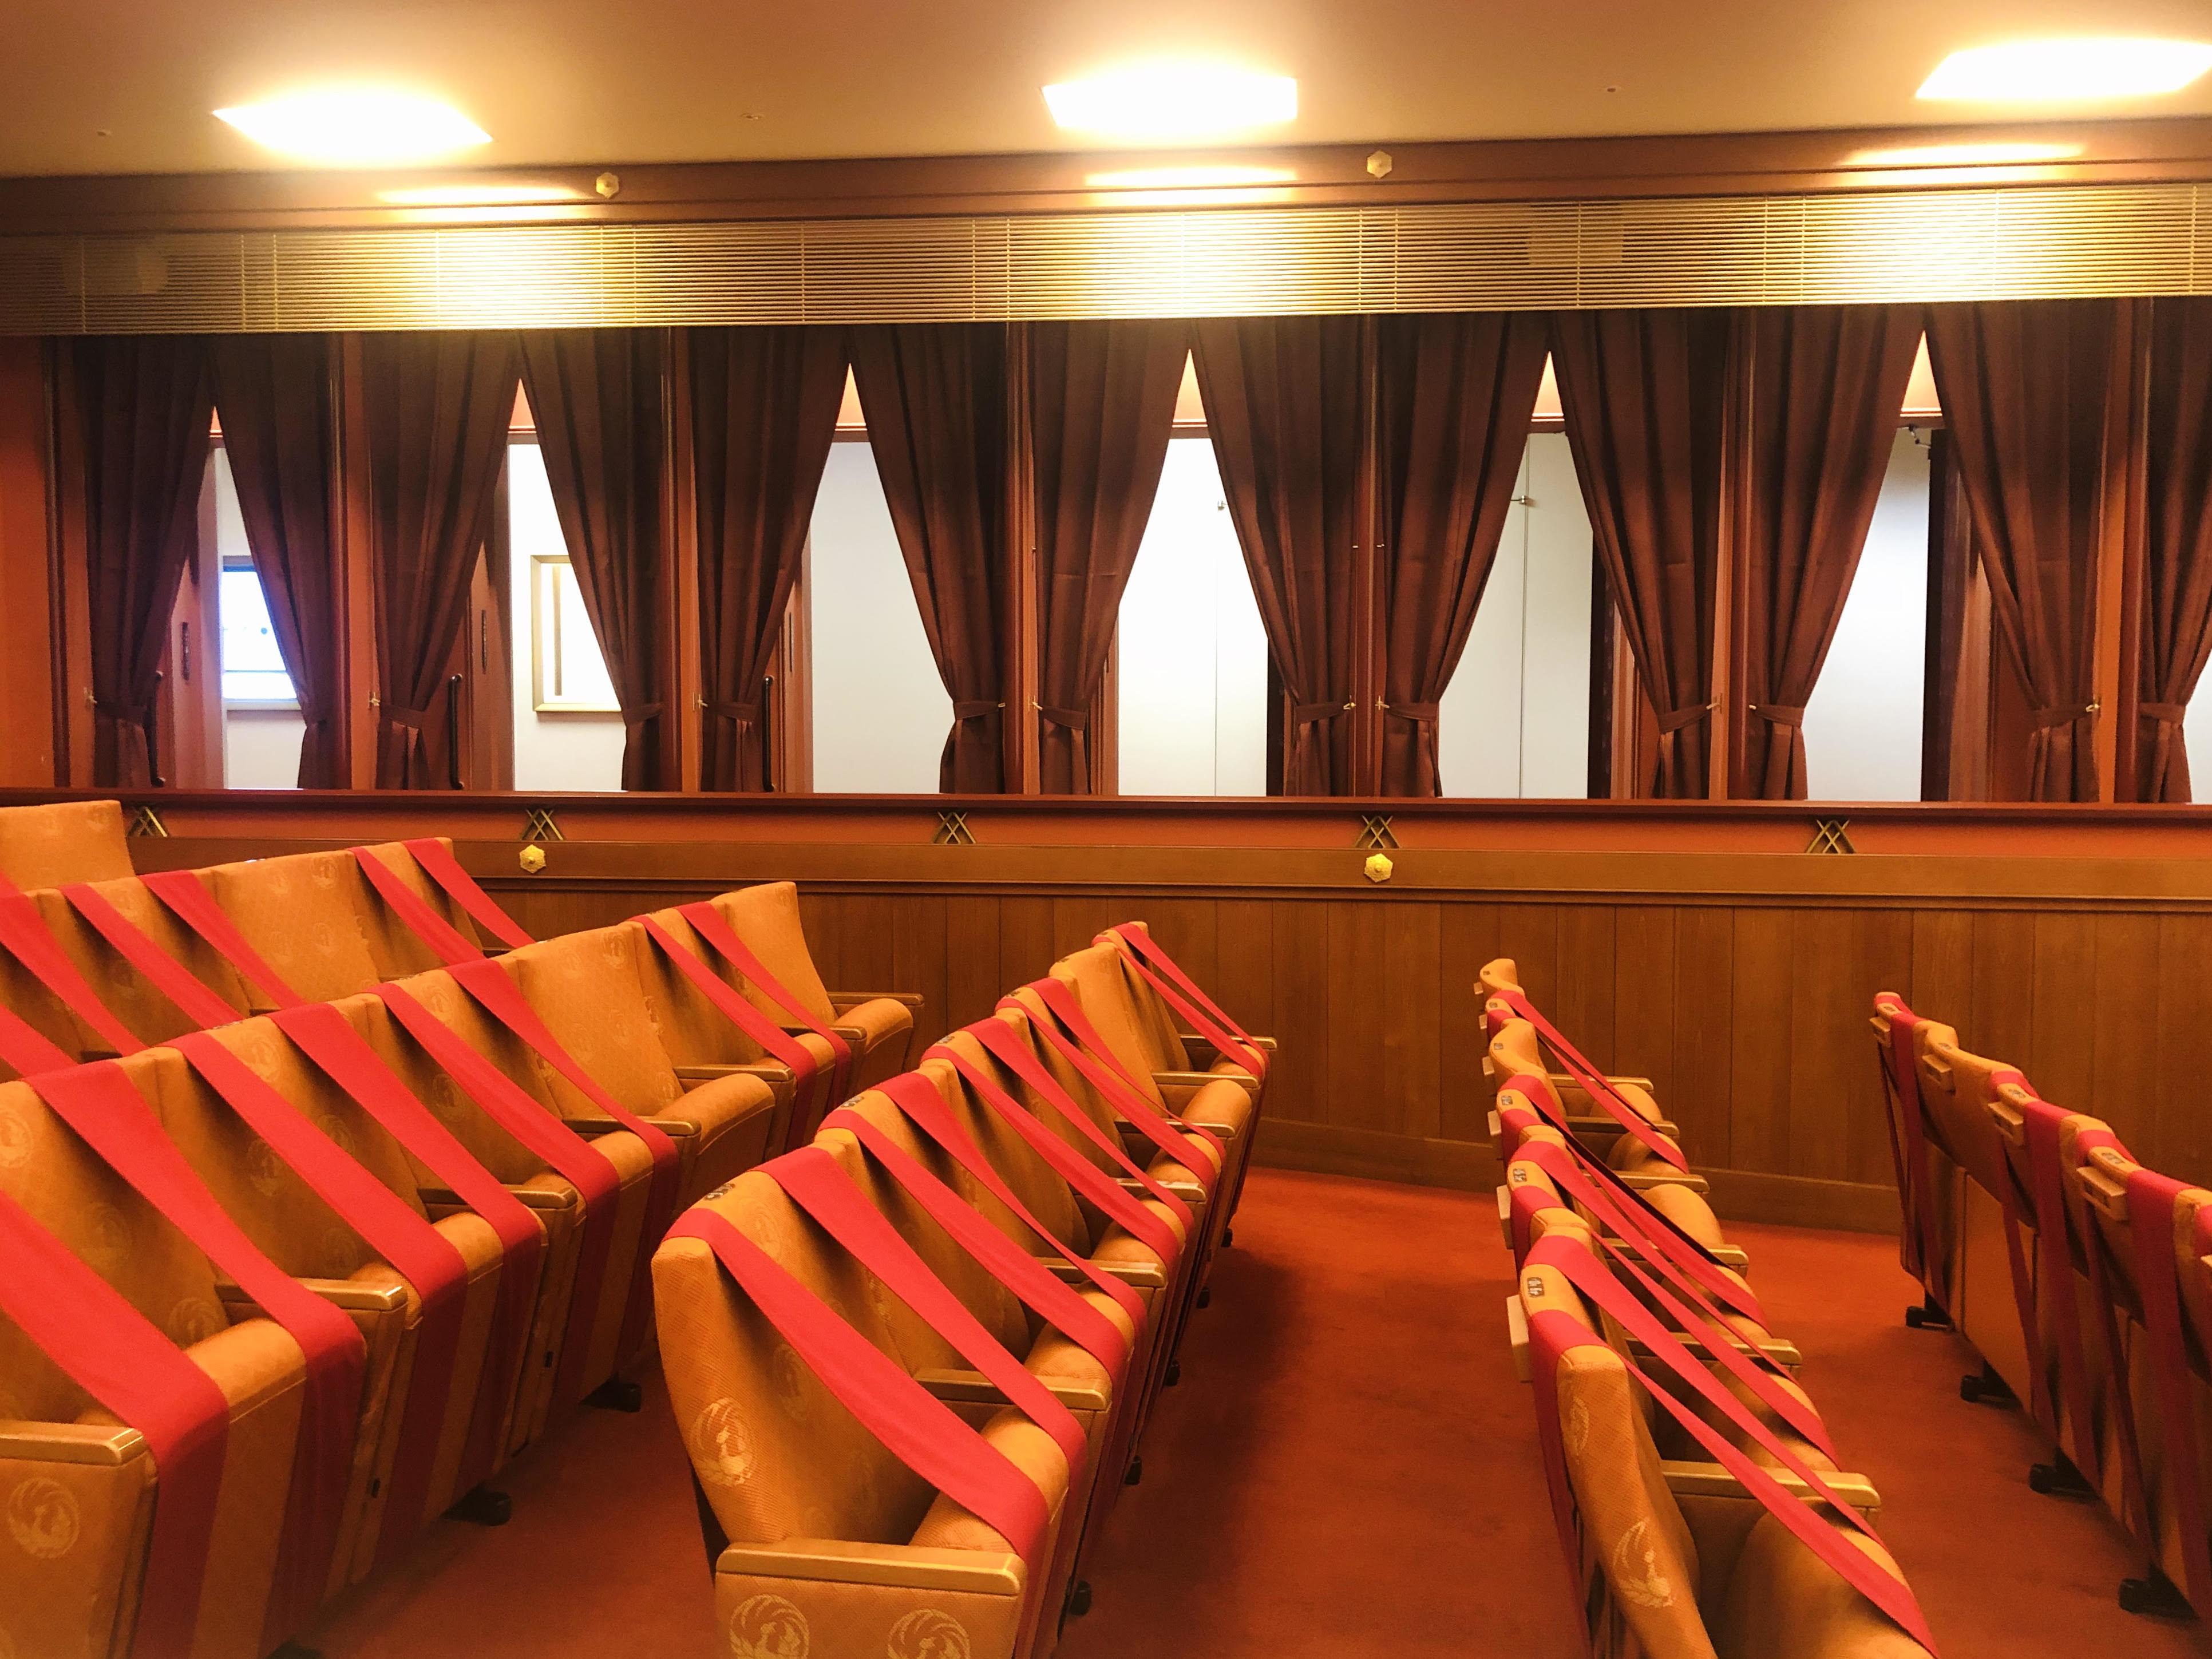 上演中も、桟敷席のカーテンや扉は全開! 照明は落とされるので観劇の妨げにはならない